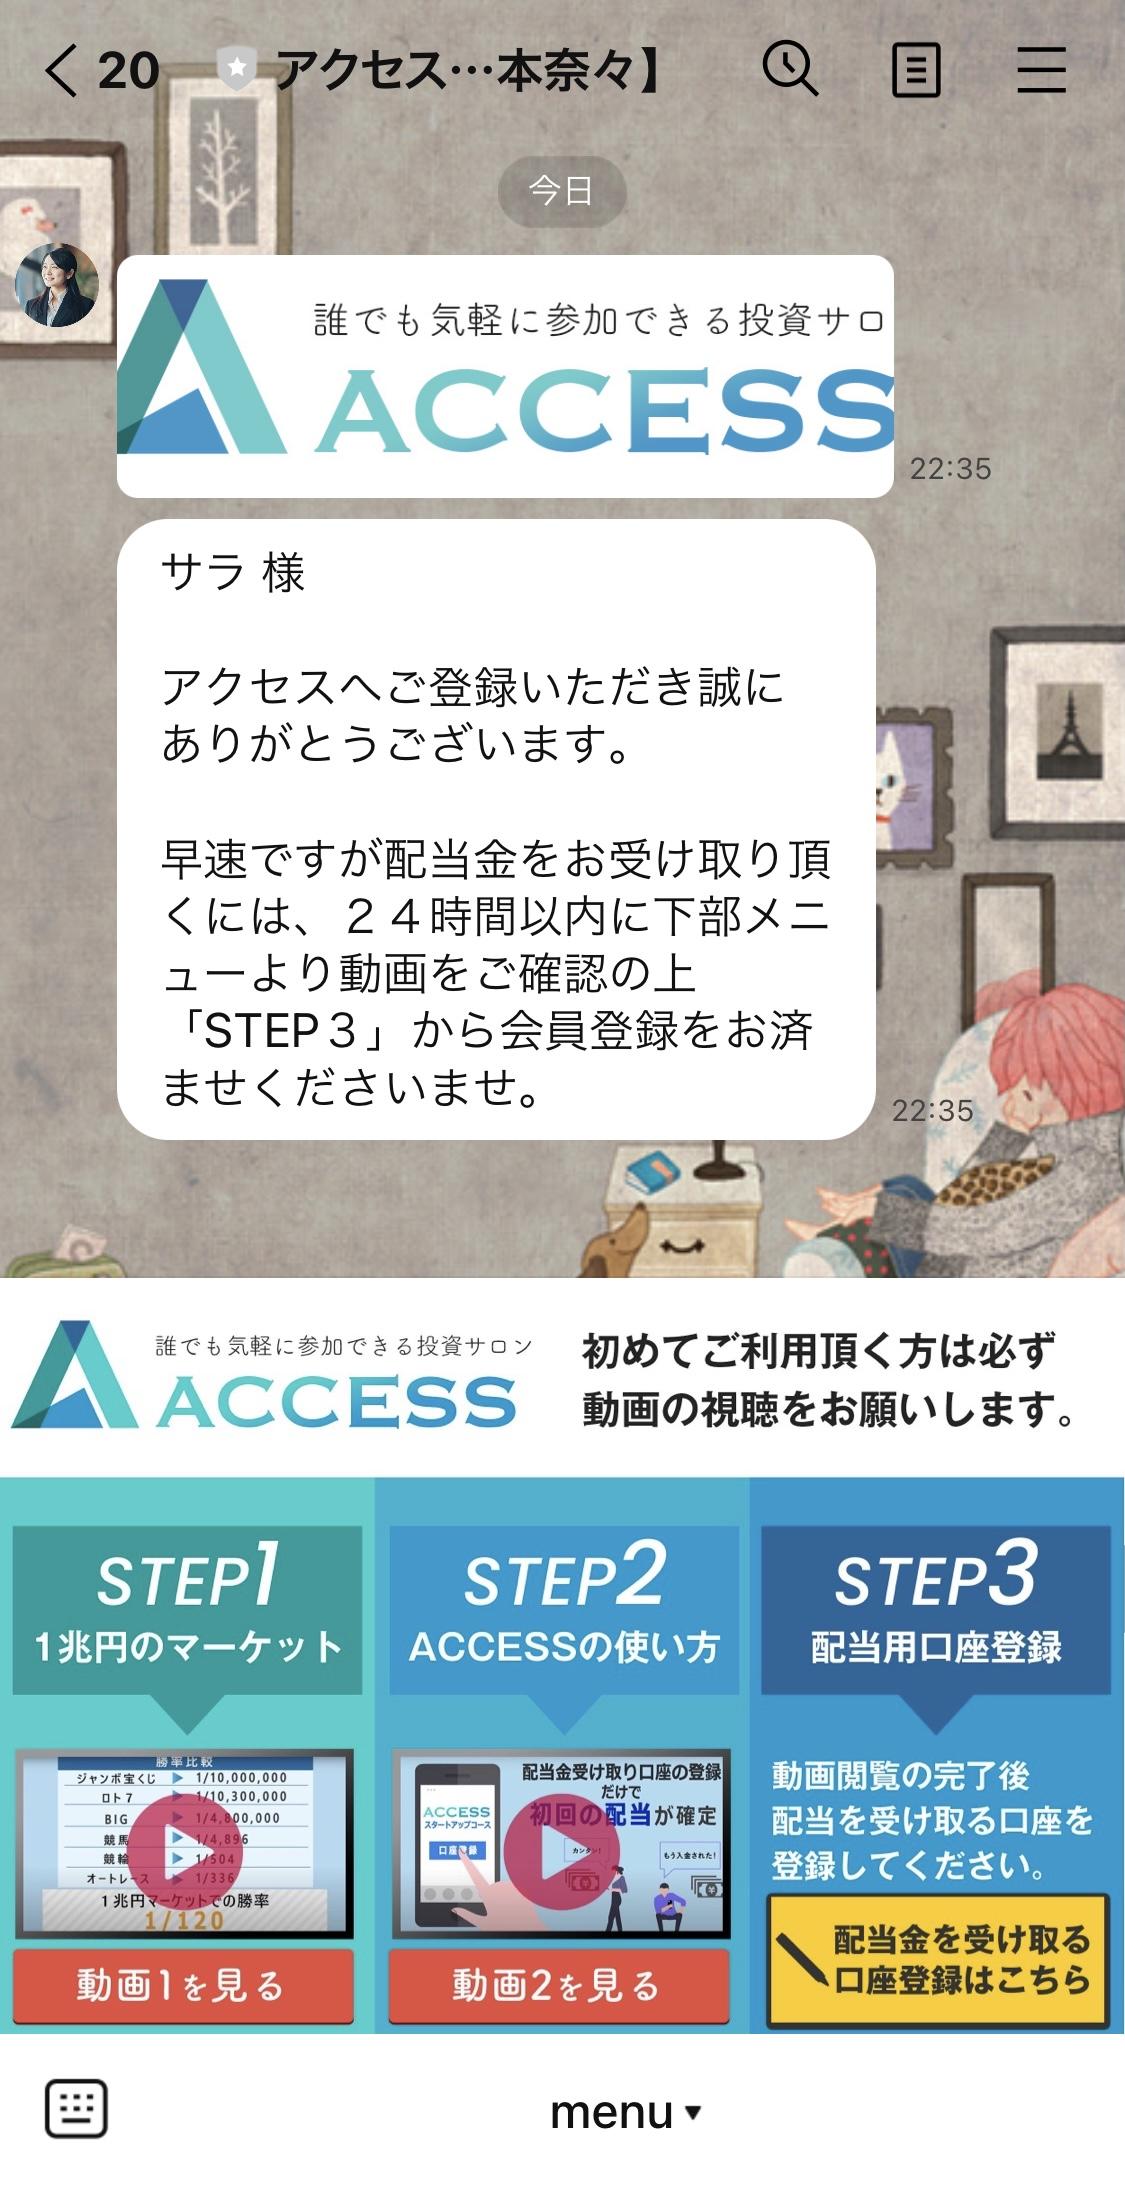 アクセスLINE画面